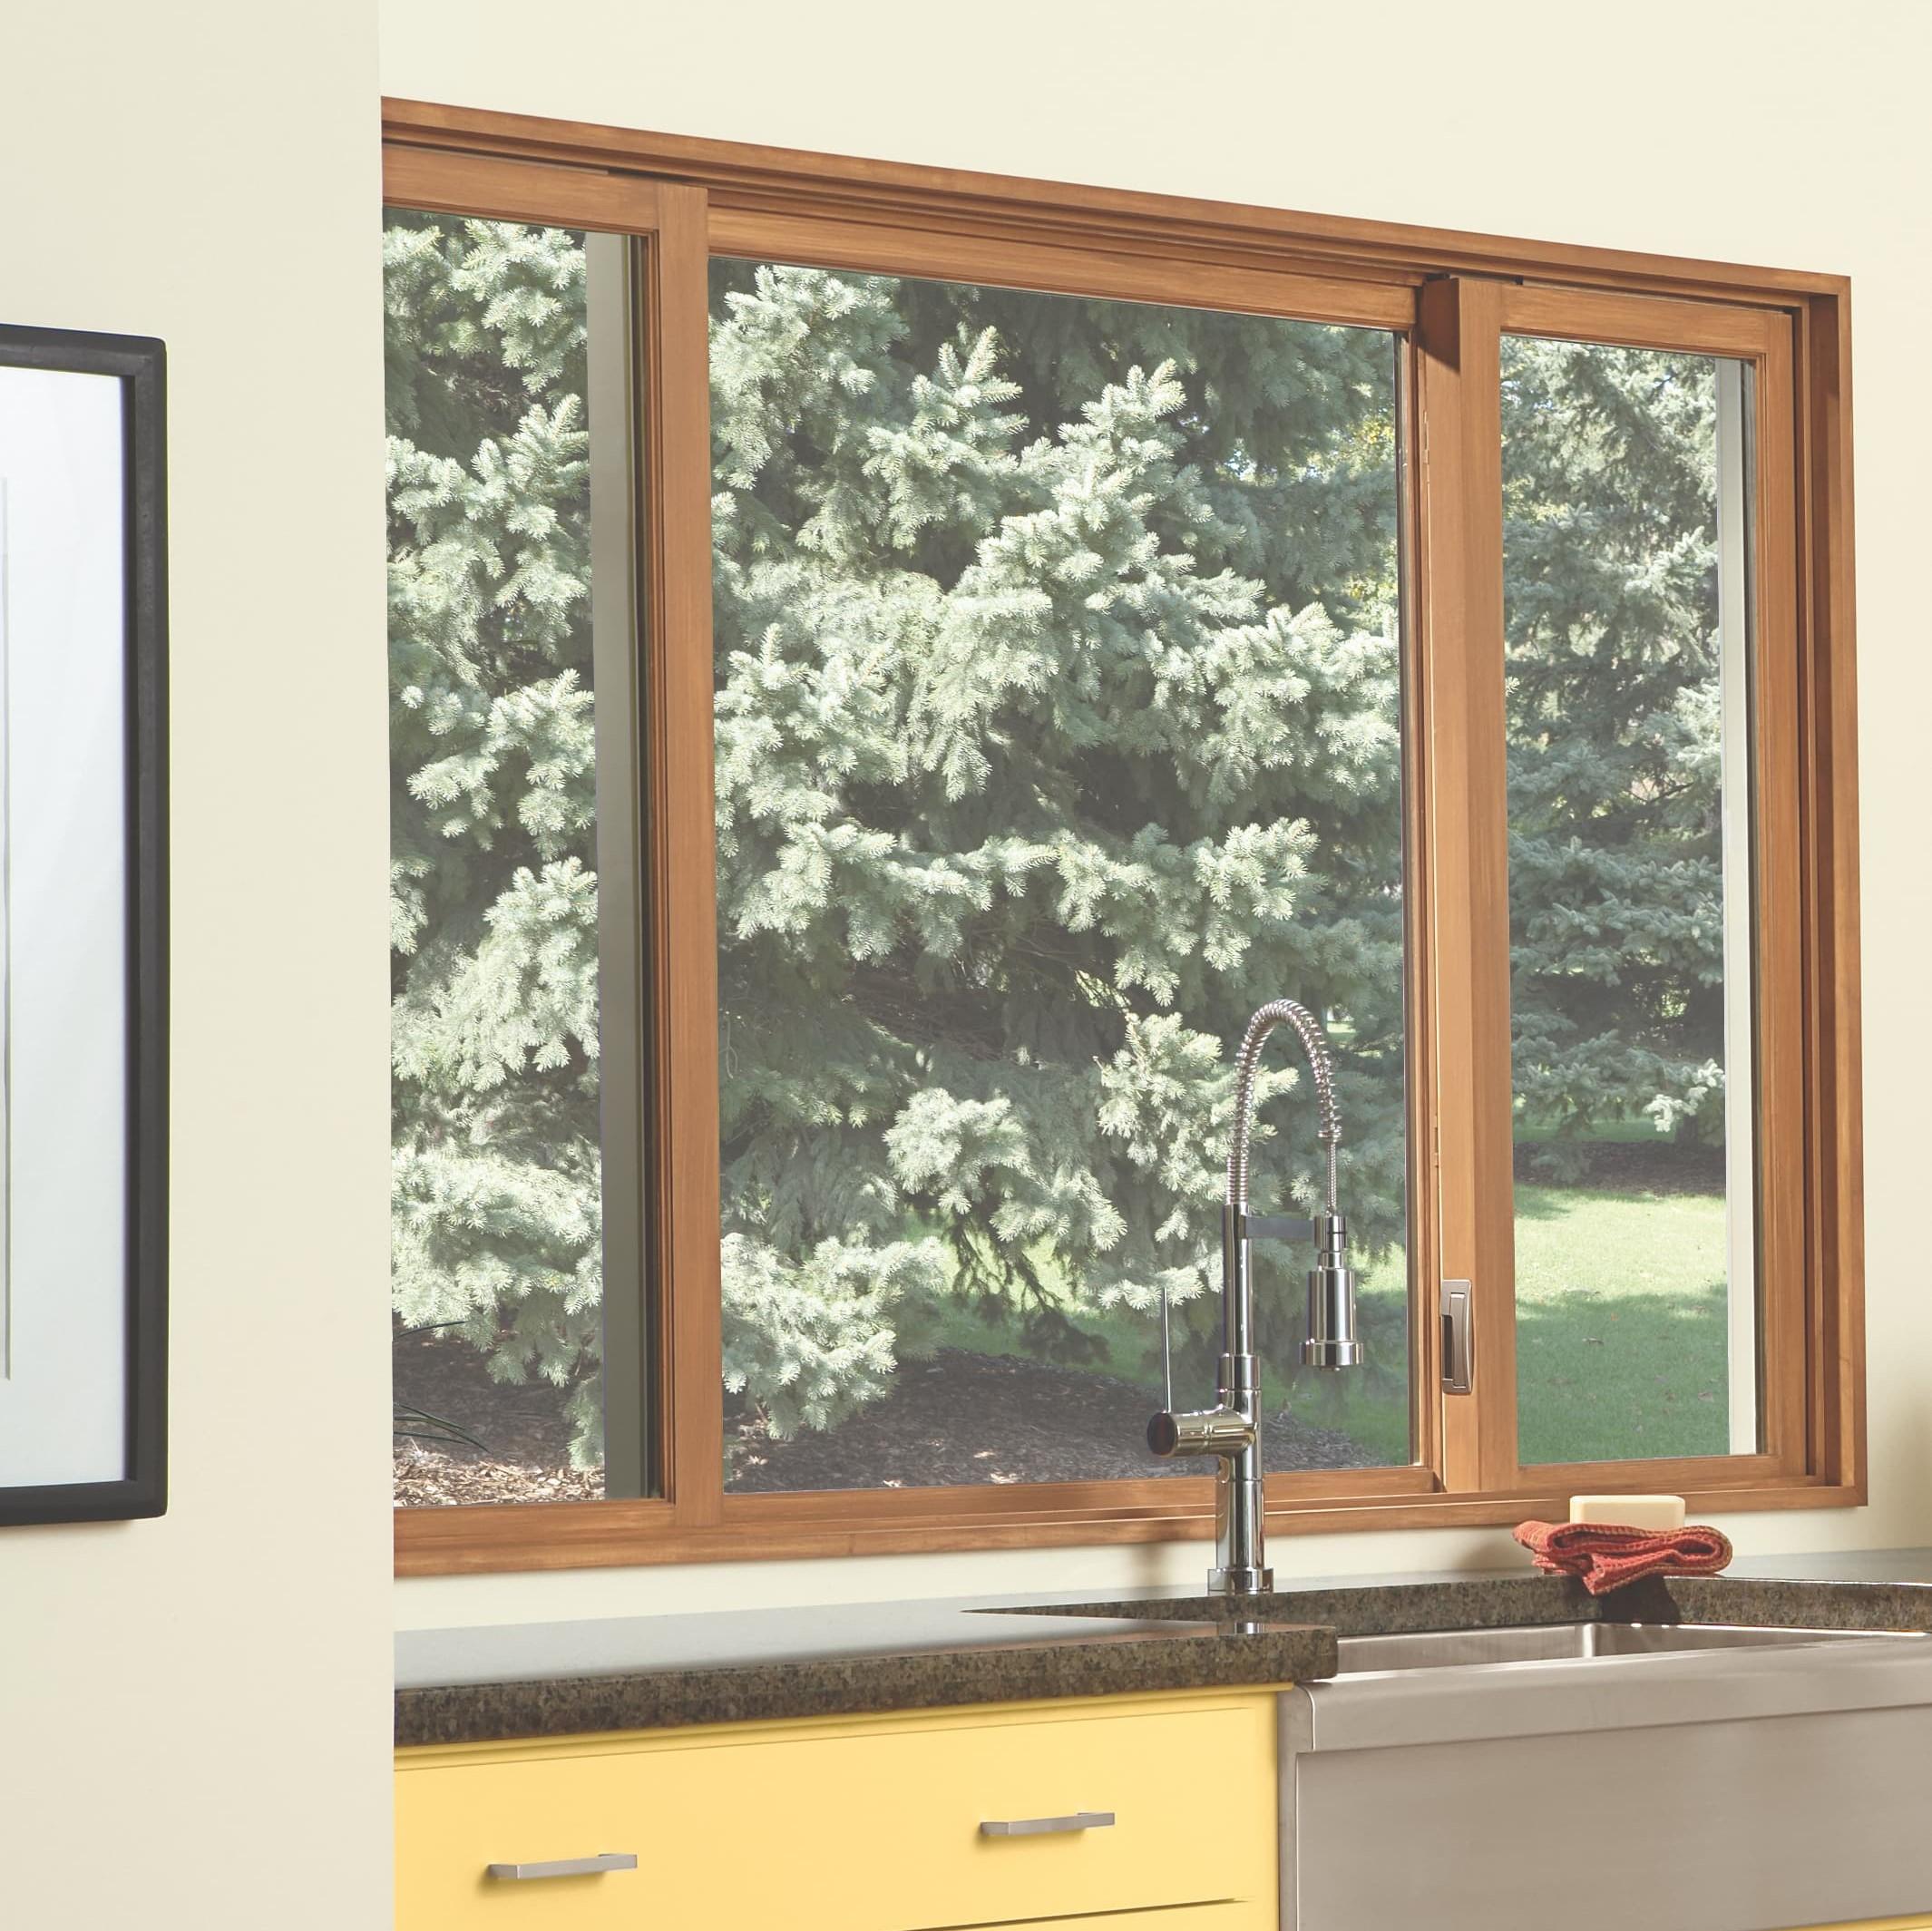 Glider/sliding window in kitchen